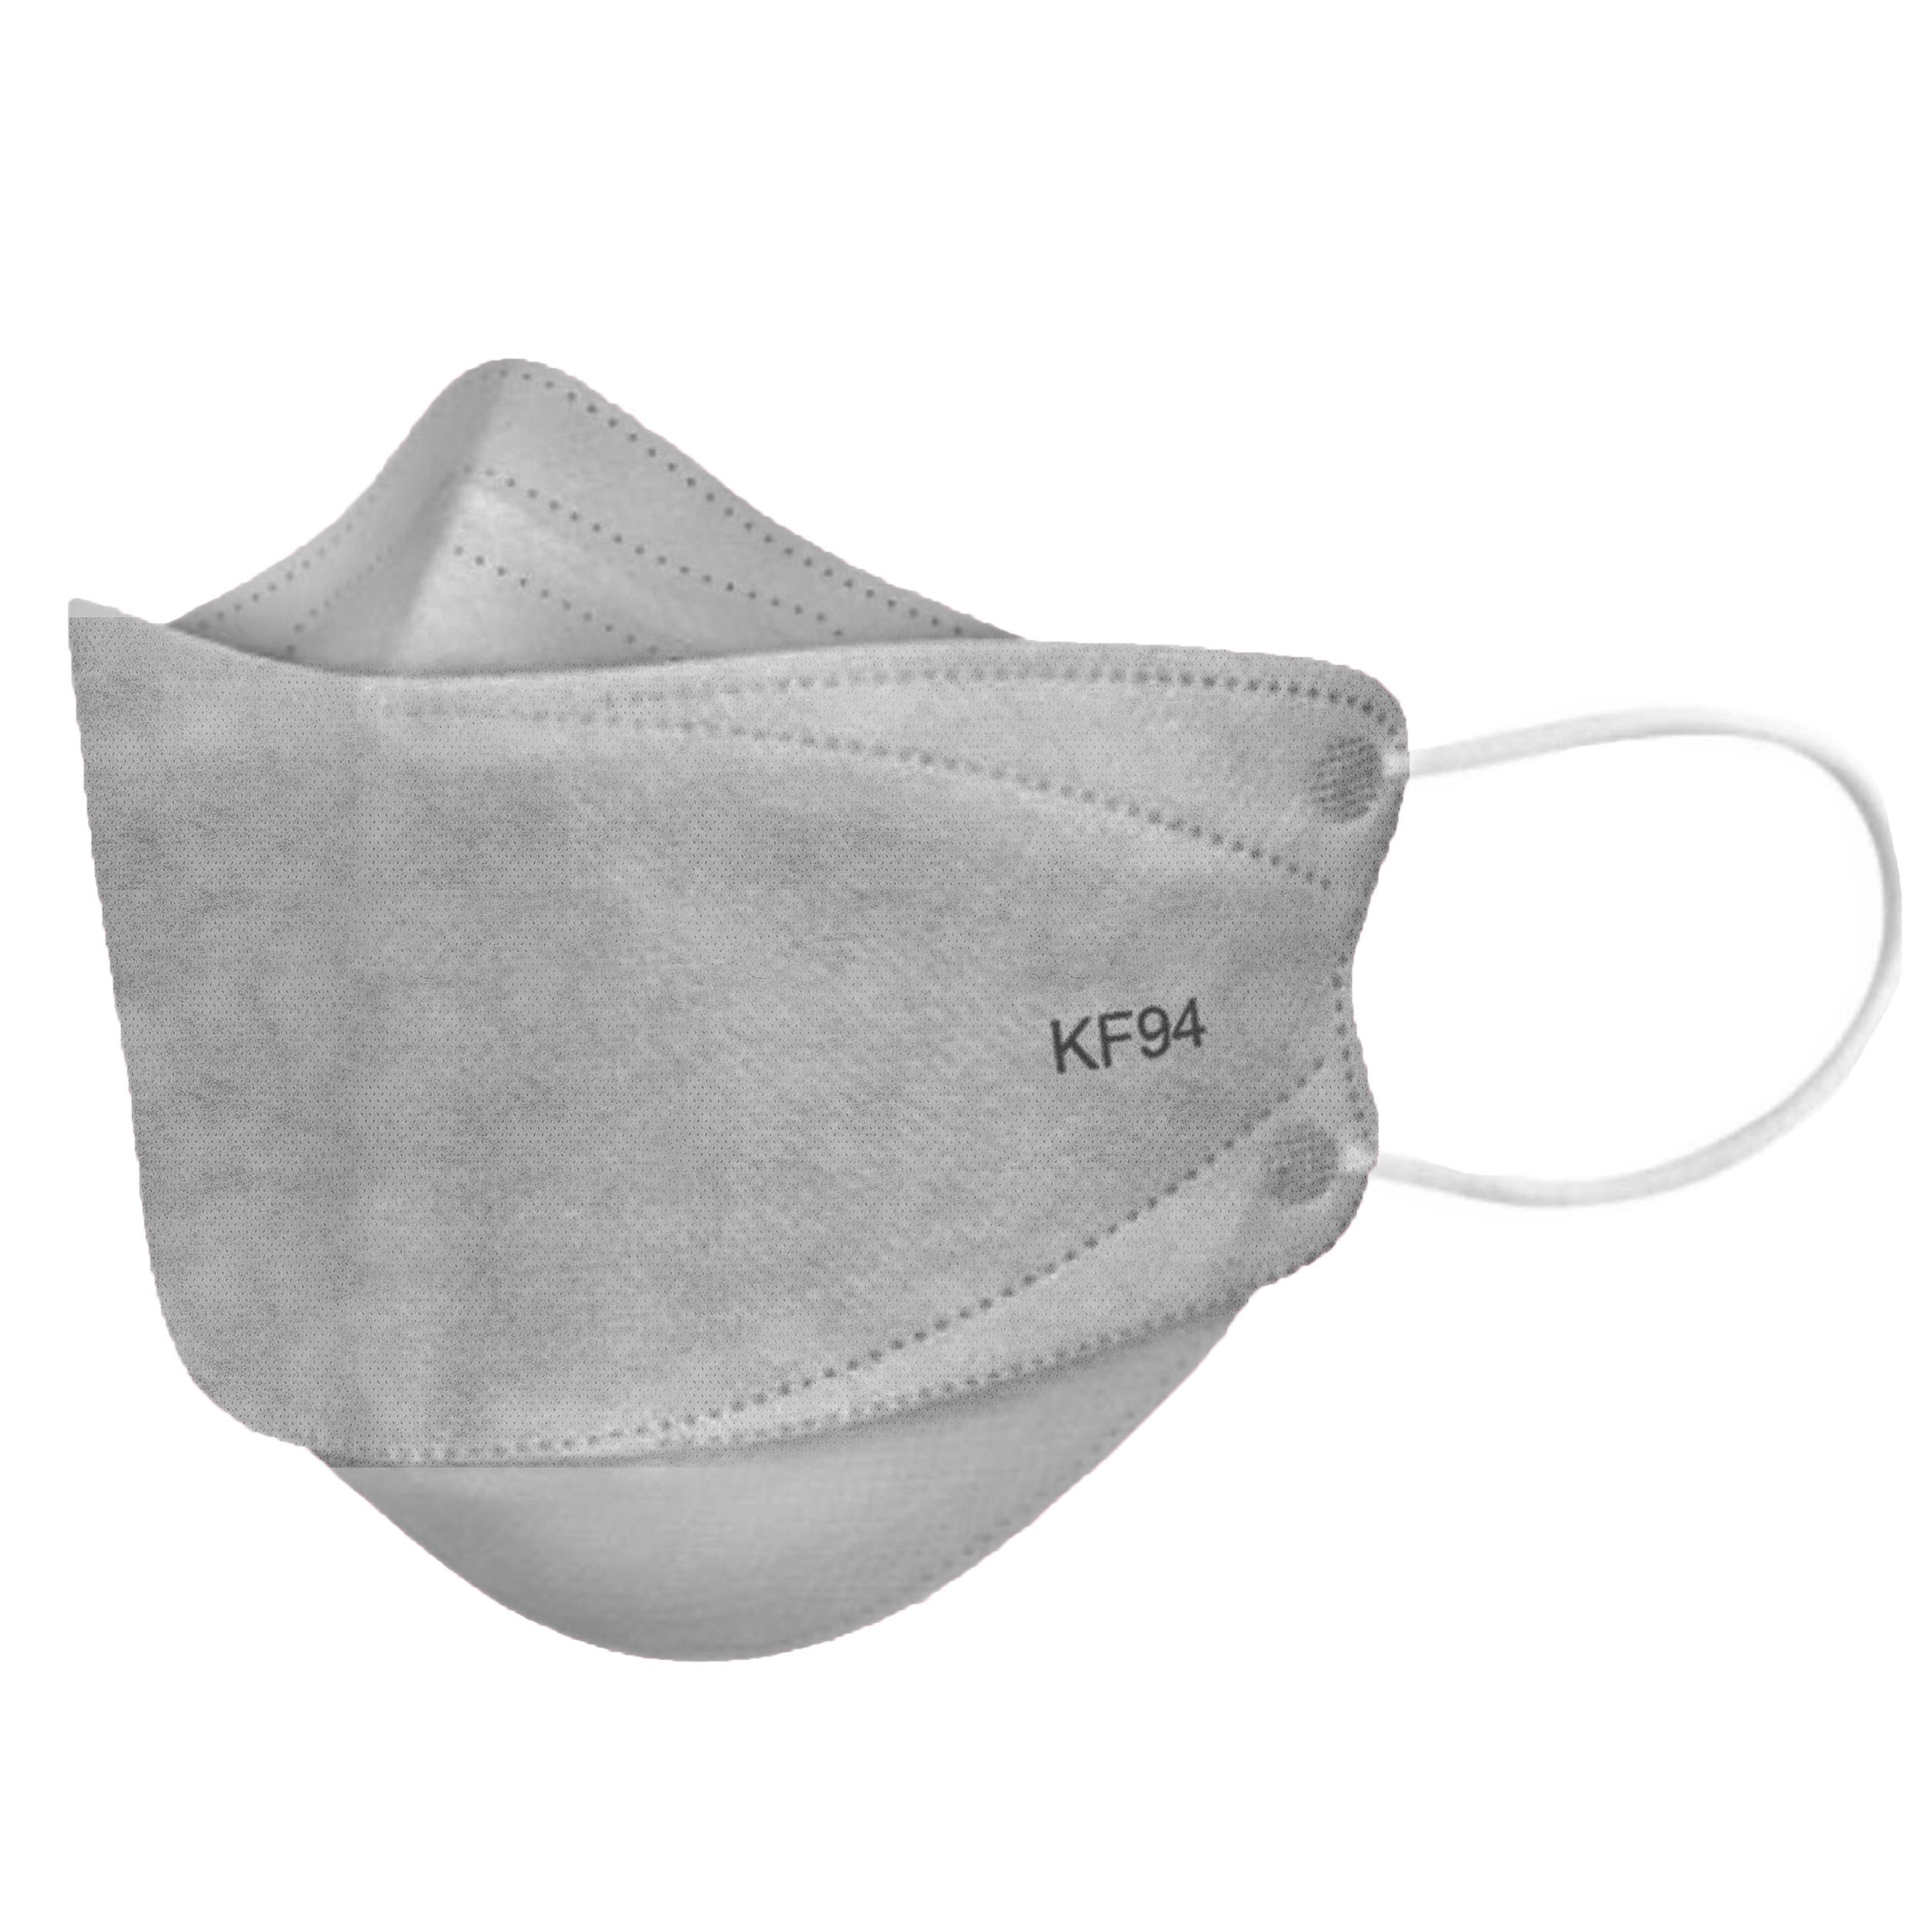 ماسک تنفسی مدل 0061TO  بسته 25 عددی